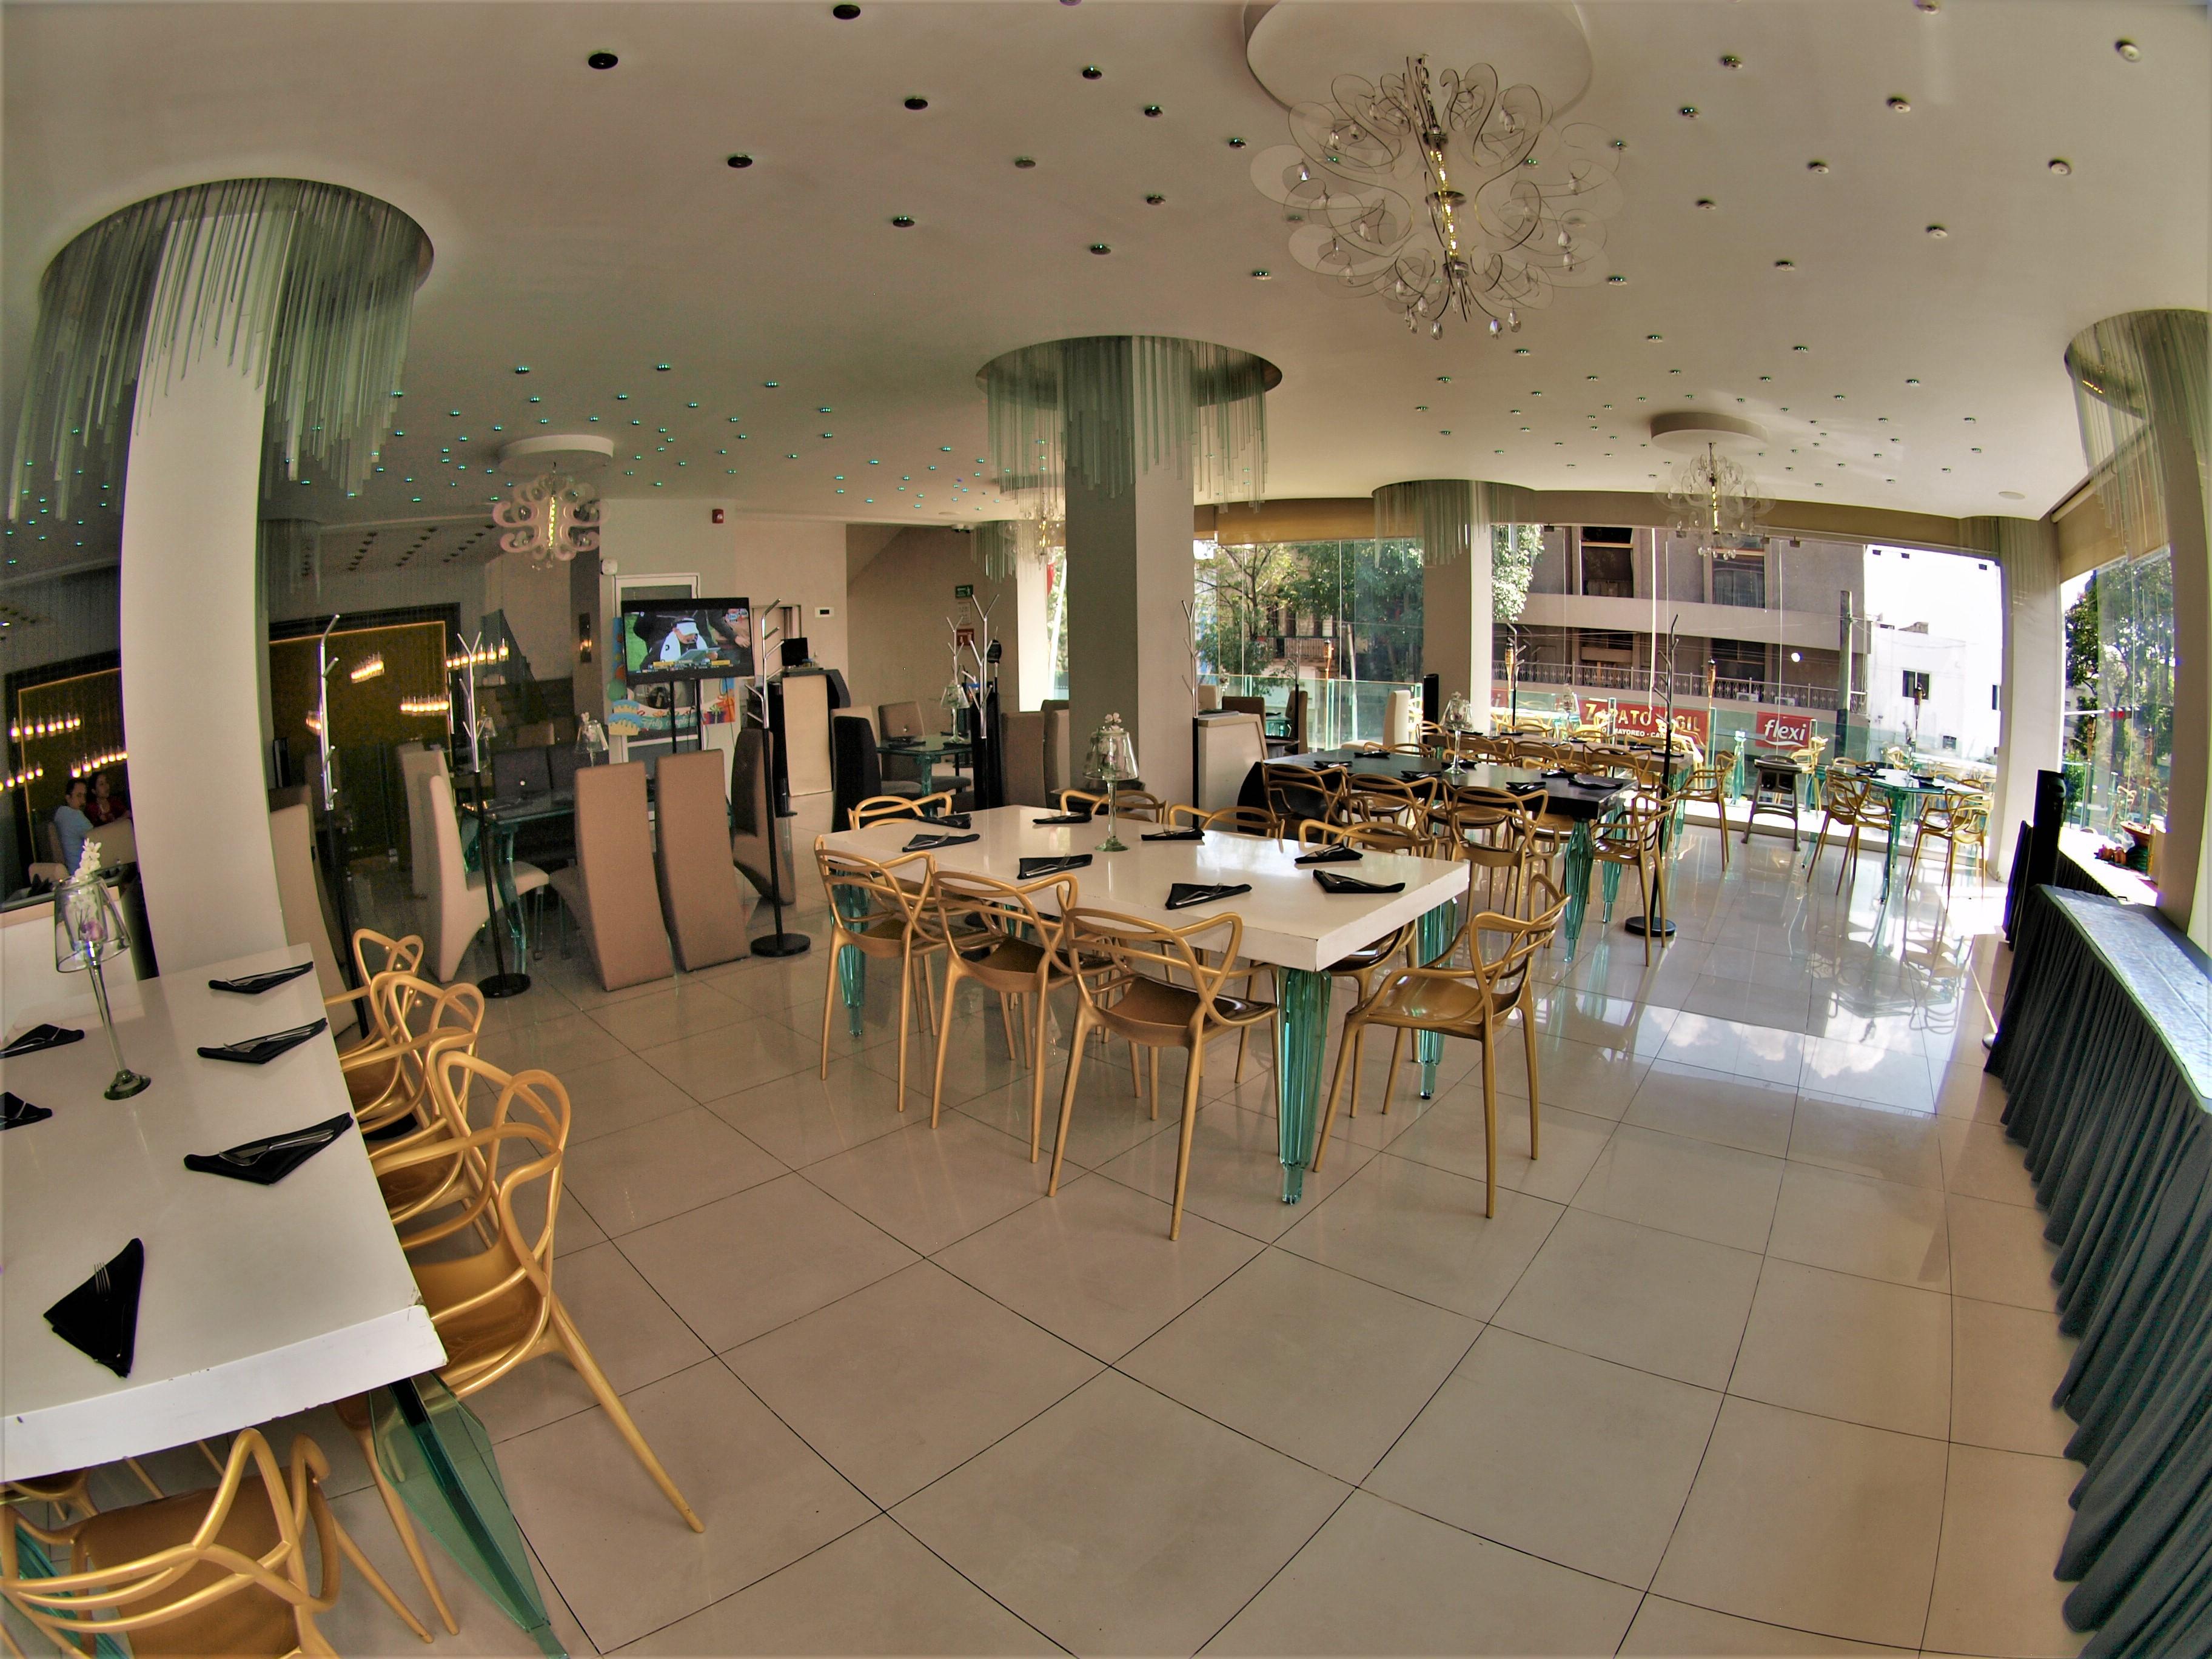 restaurante1-atfy5